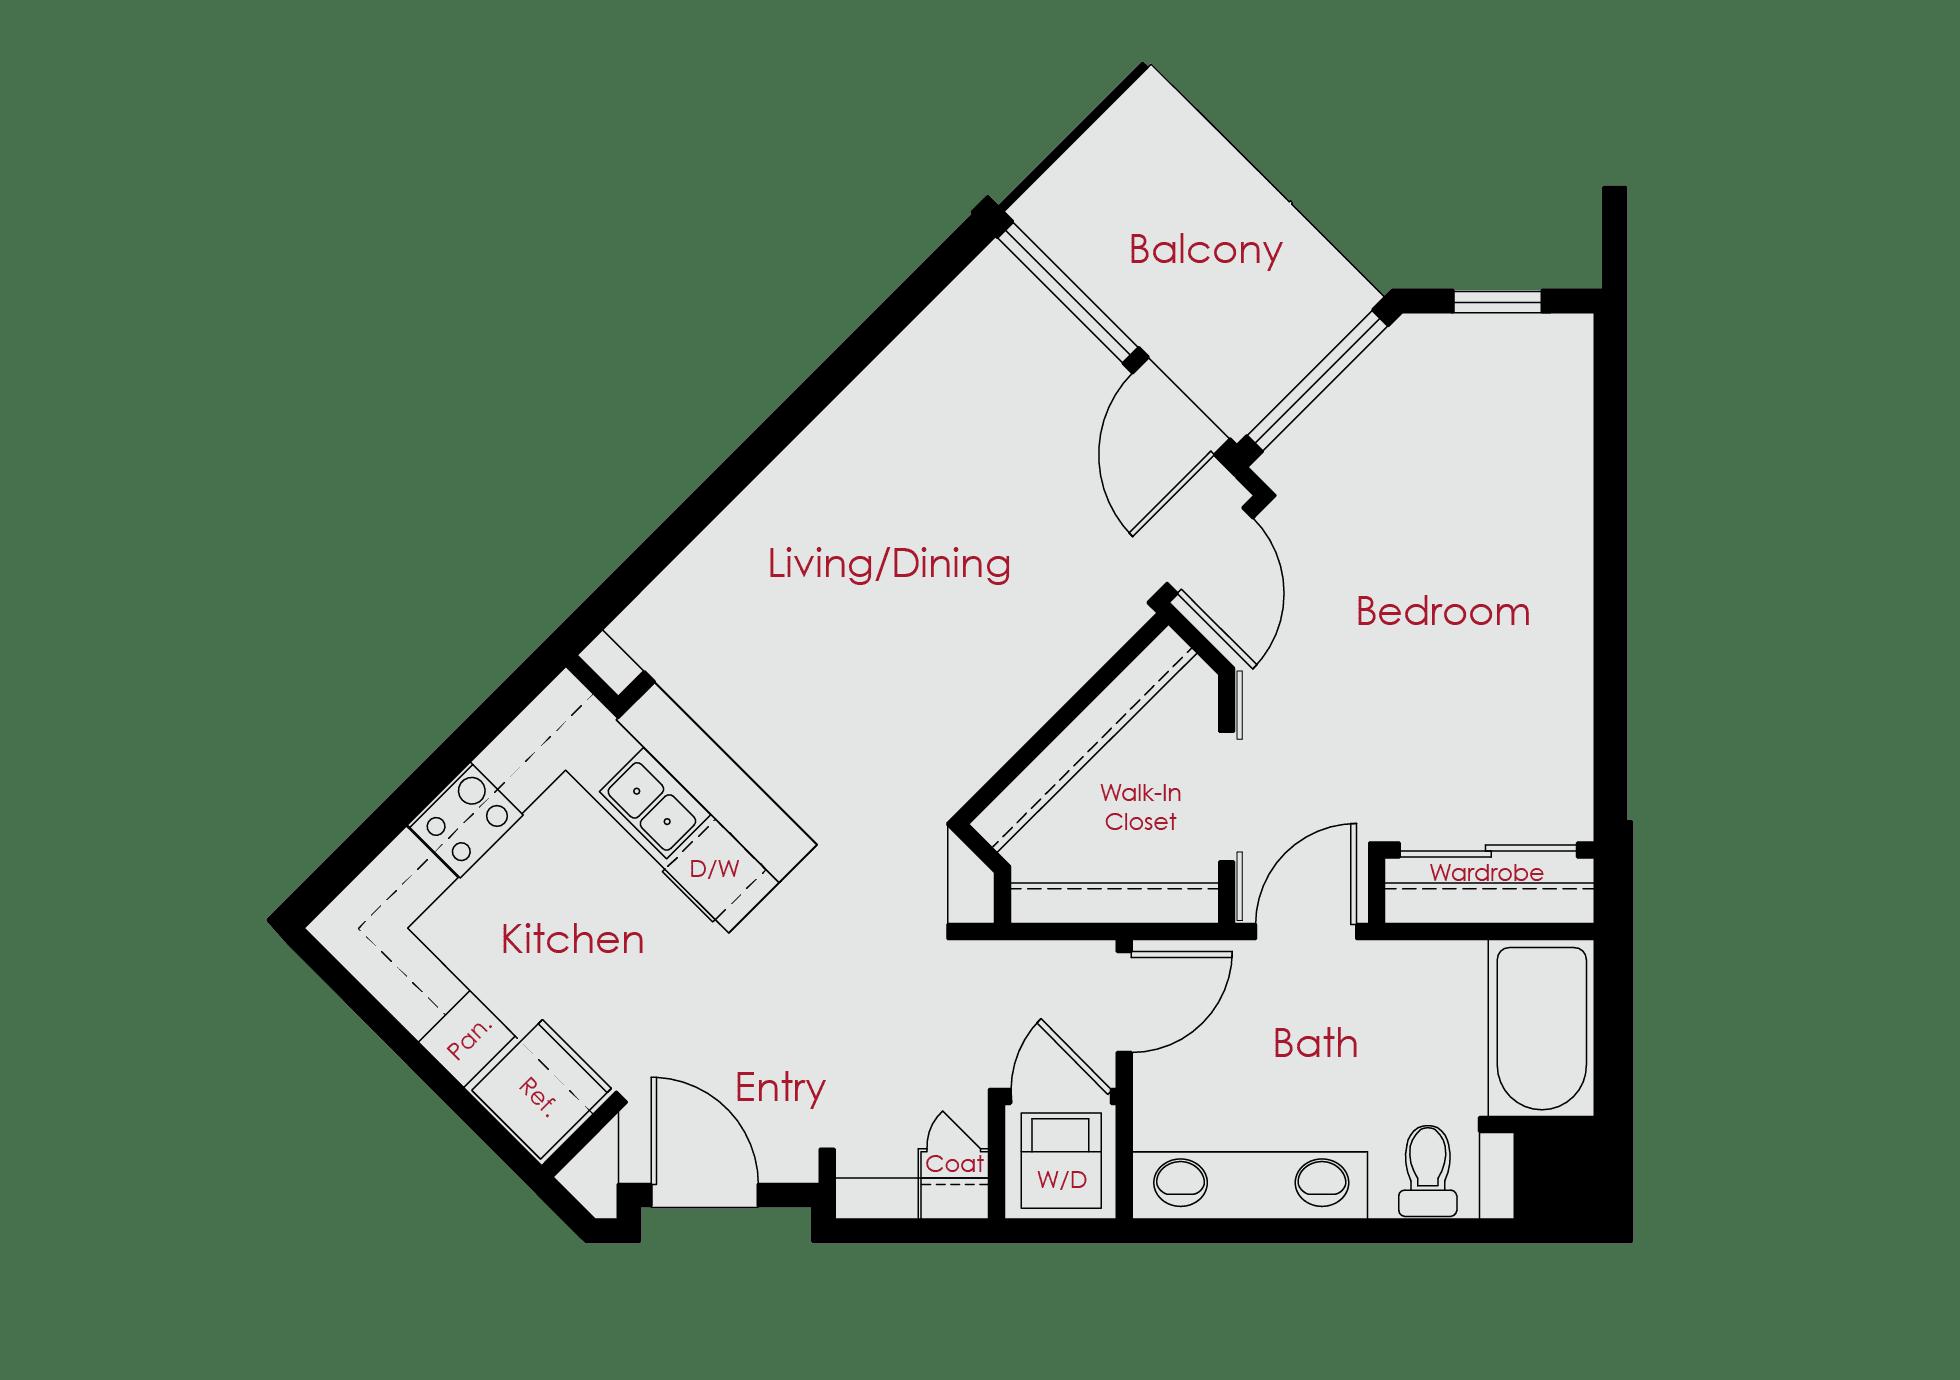 Plan A-6